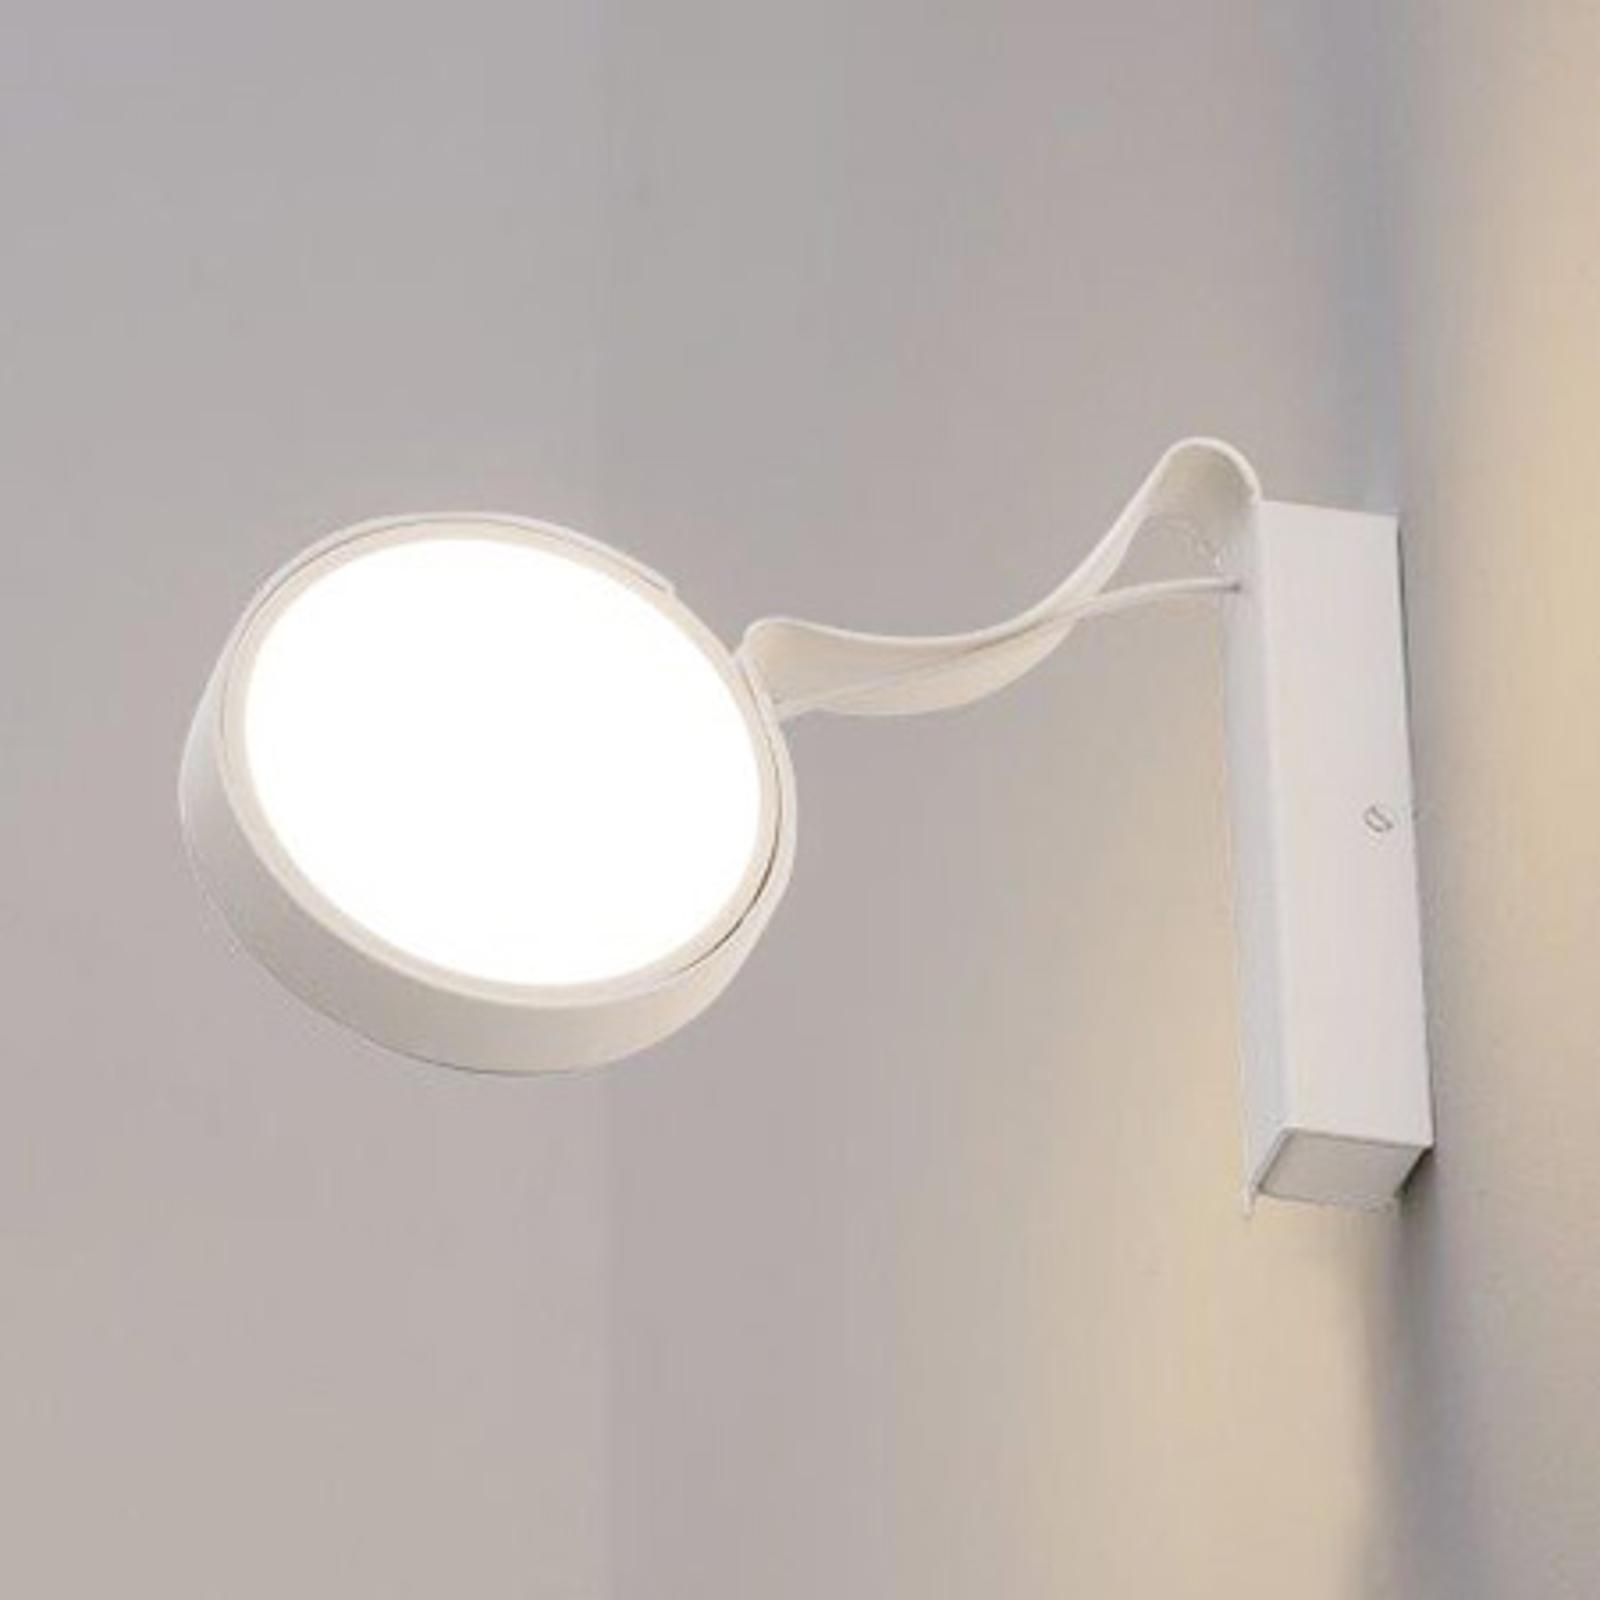 Knikerboker DND Profile - LED-Wandleuchte weiß